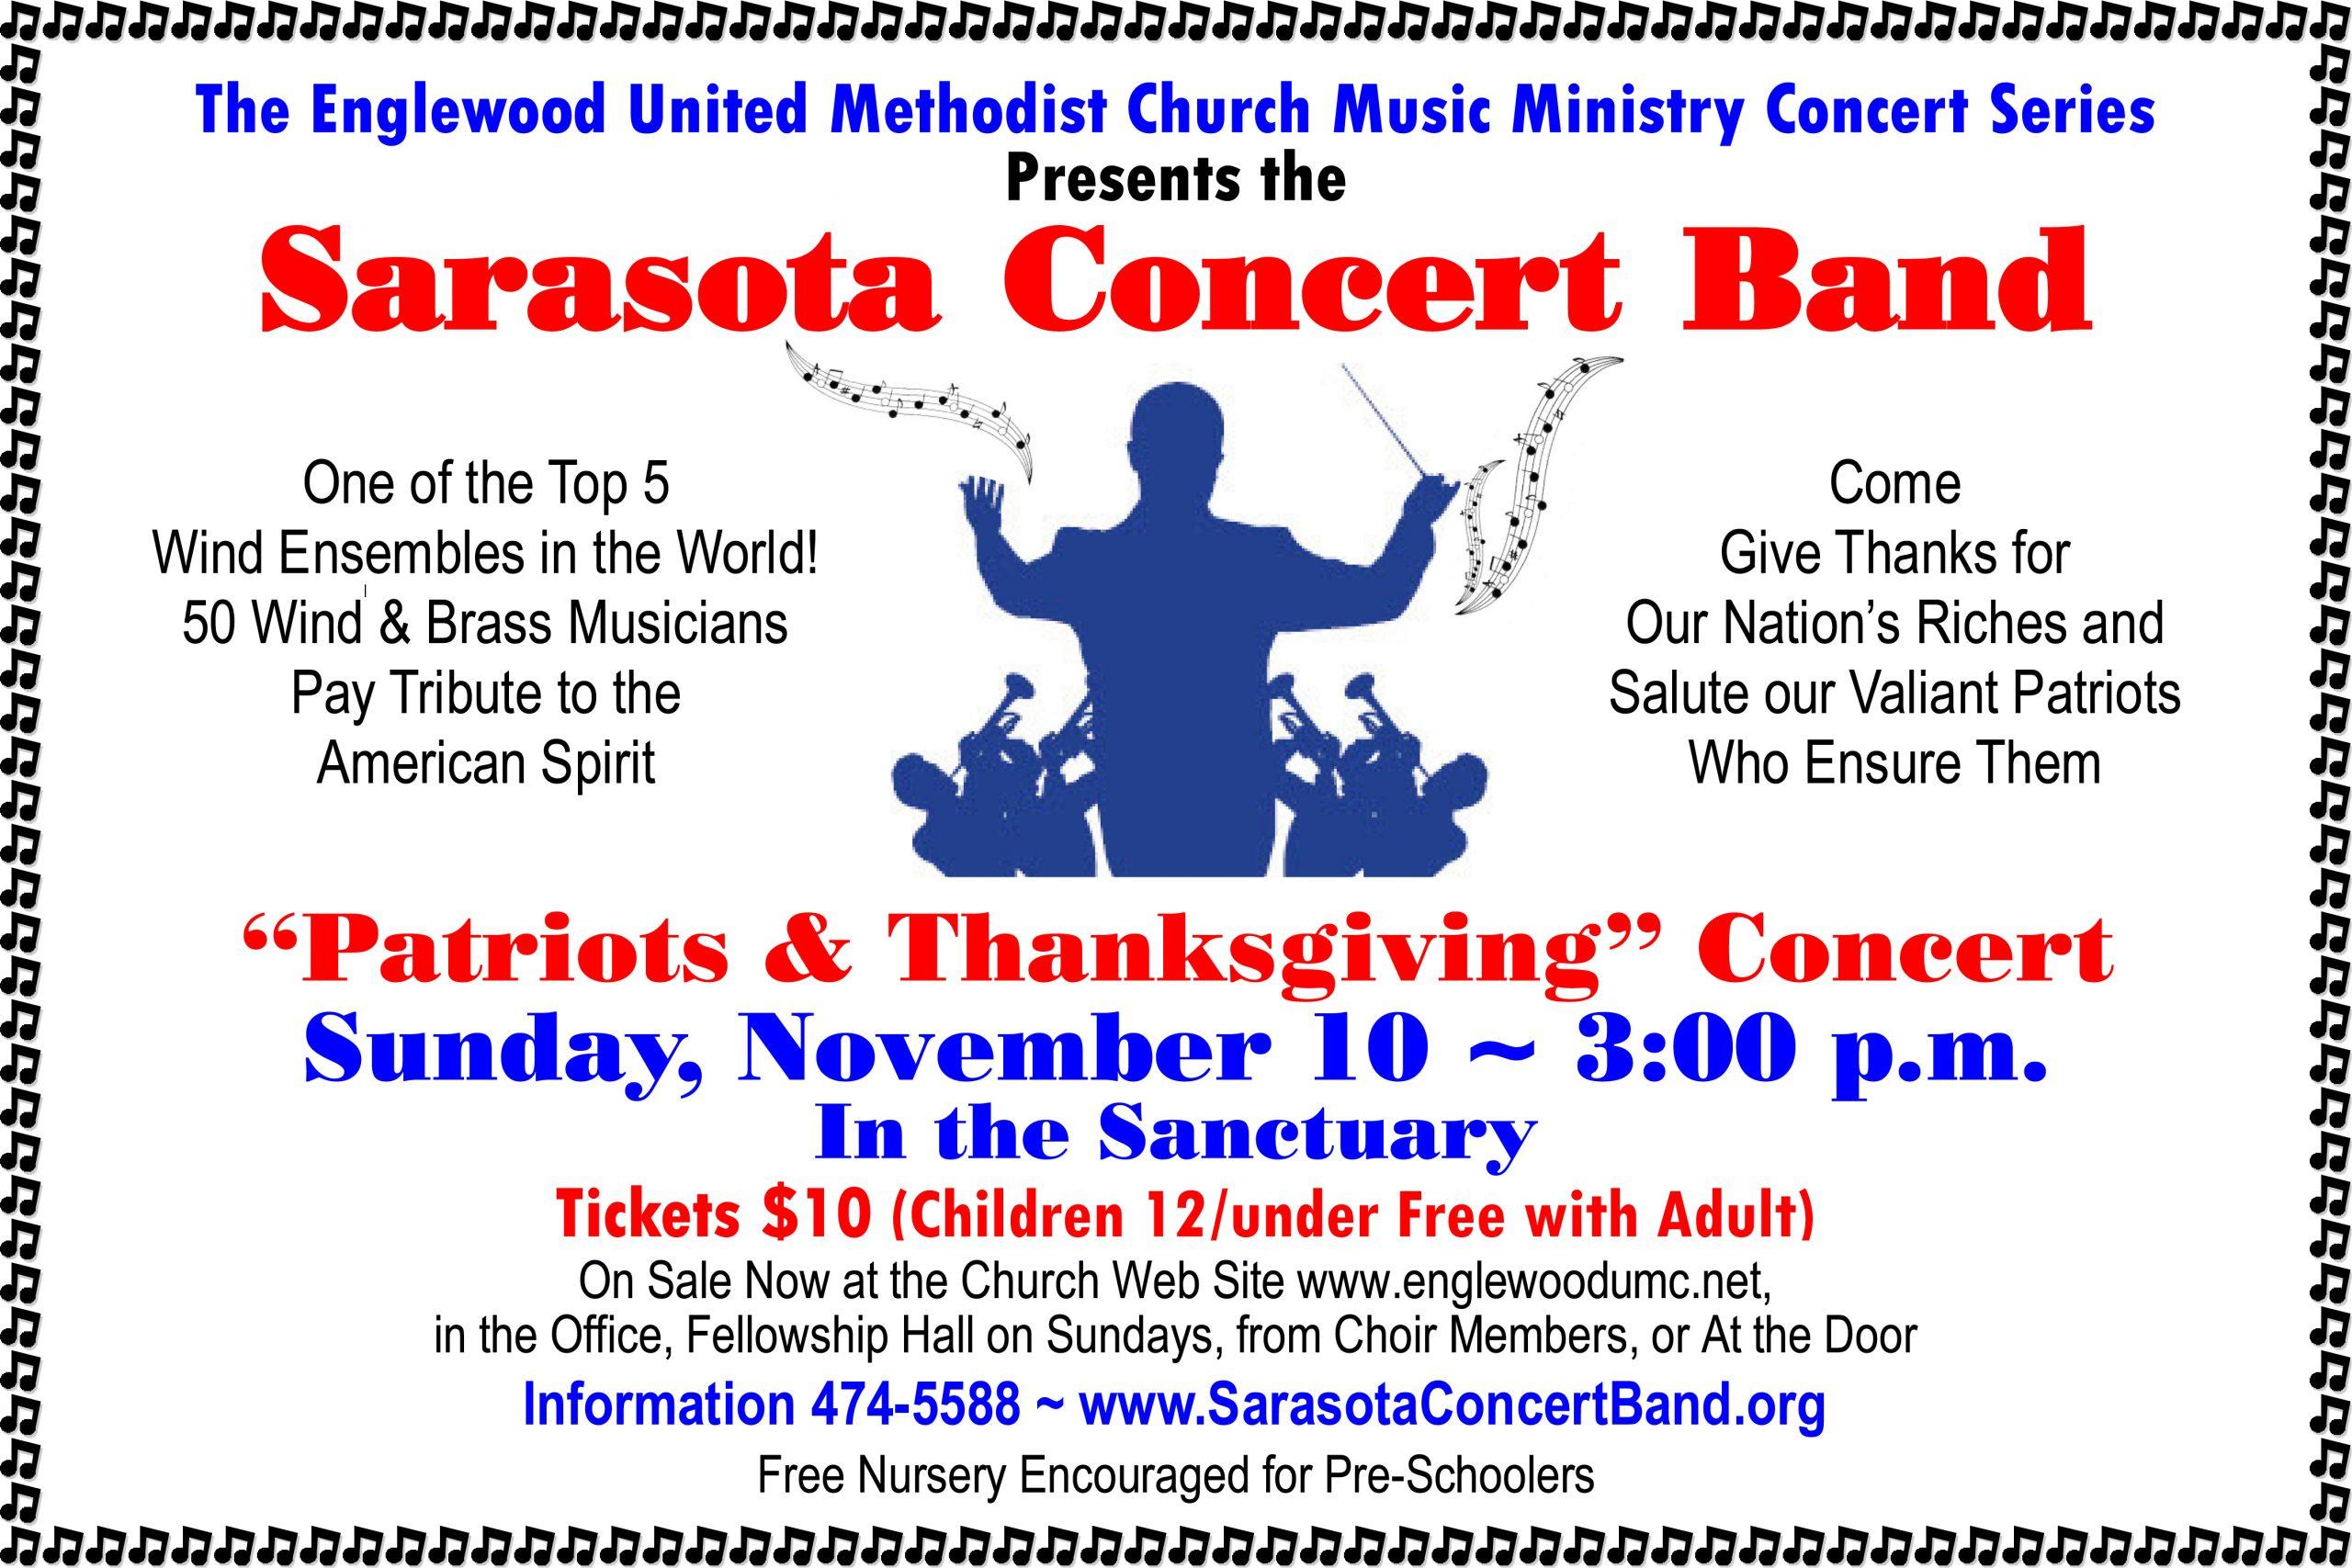 Sarasota Concert Band